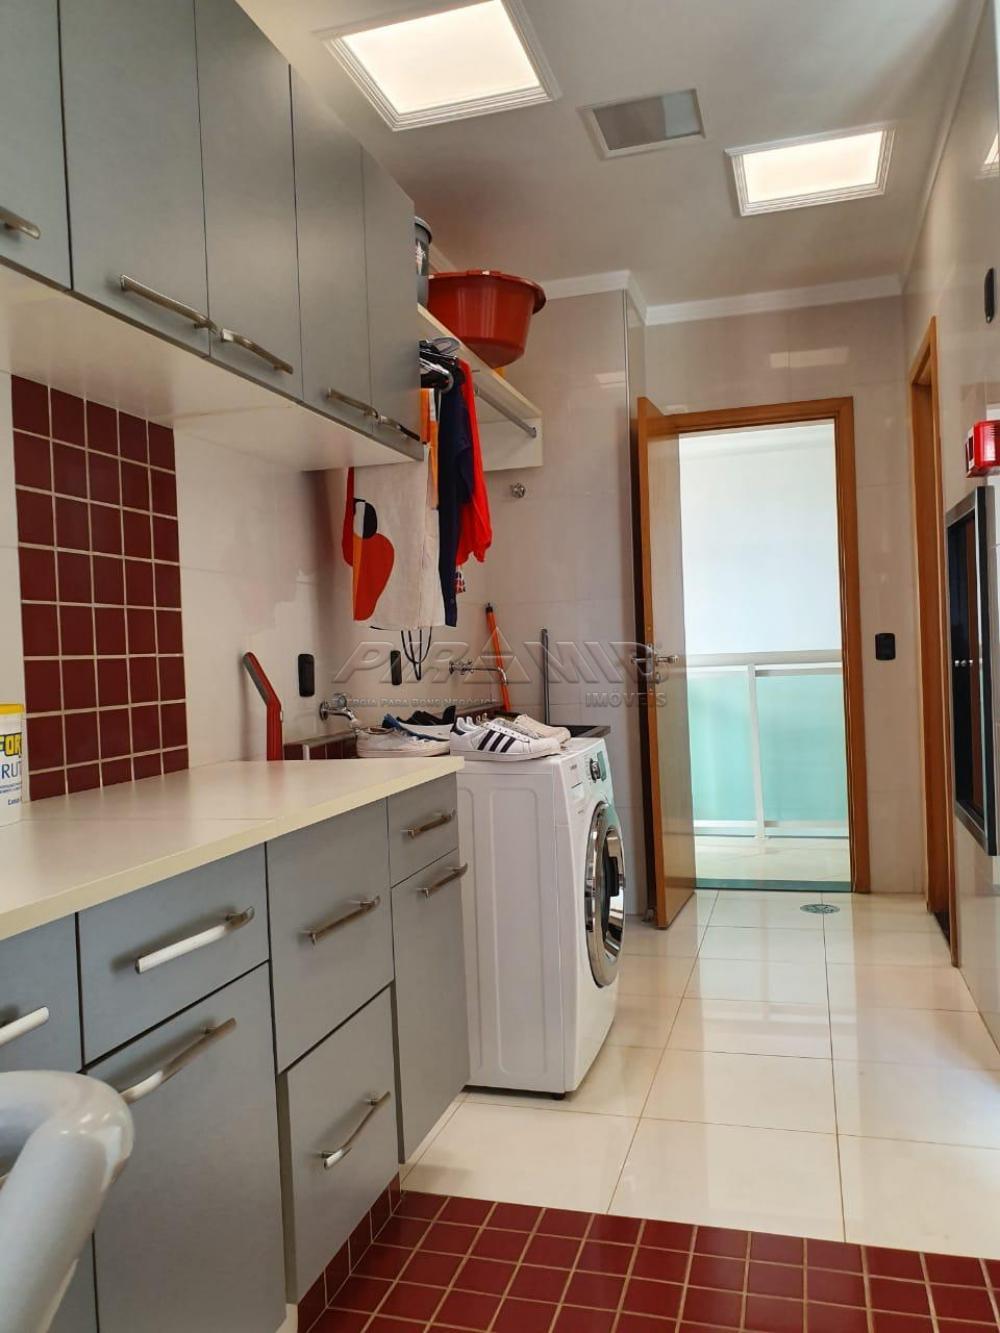 Comprar Apartamento / Cobertura em Ribeirão Preto apenas R$ 2.300.000,00 - Foto 24